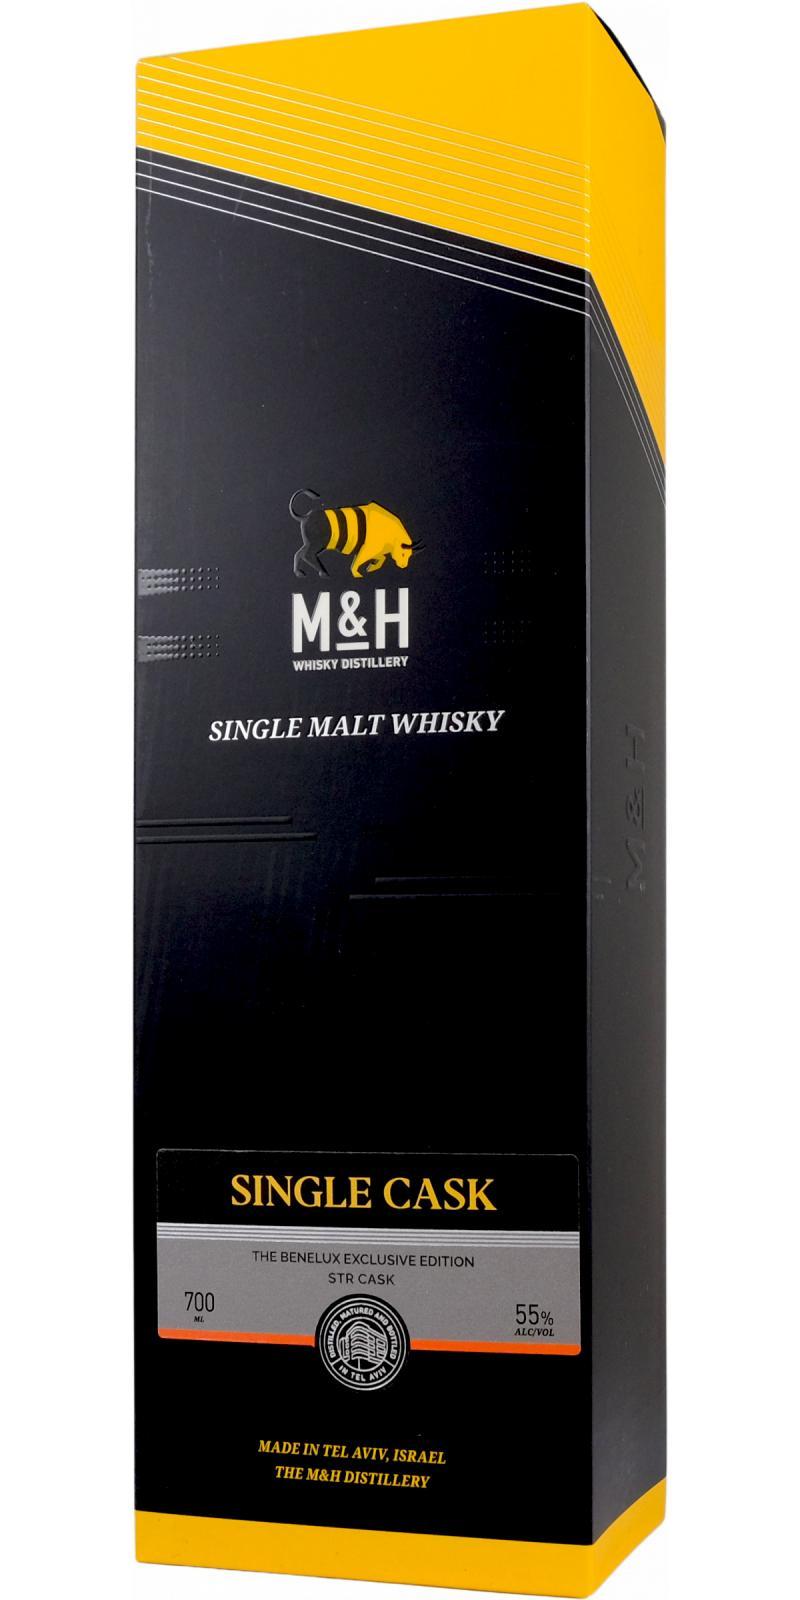 M&H 2018